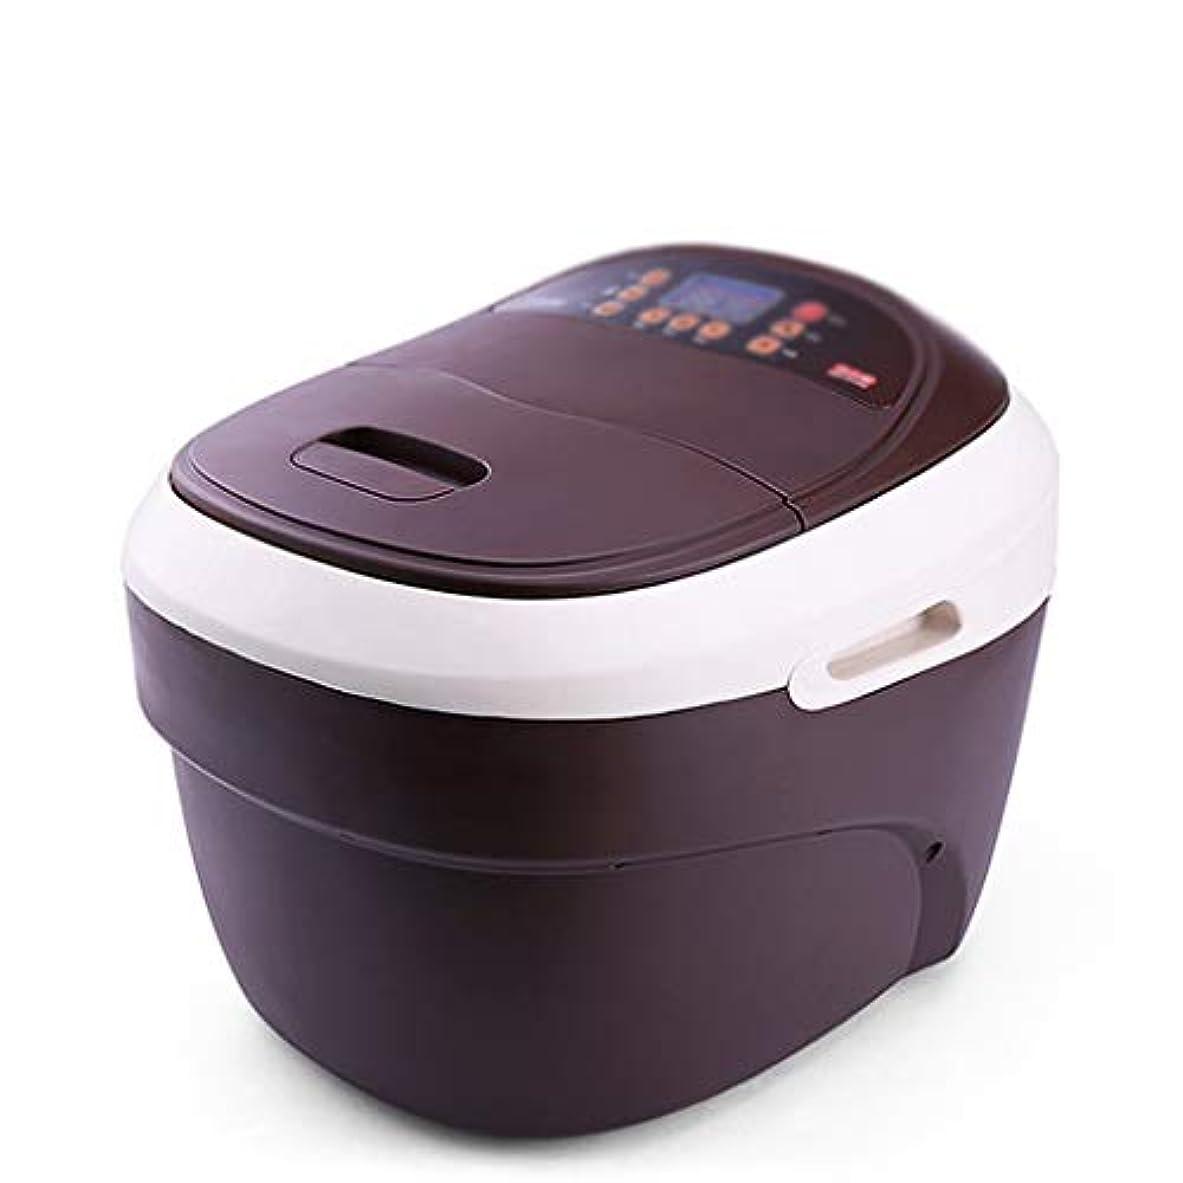 デンプシー鋼期間フットマッサージャー?フットバス 足湯自動3Dマッサージフットバス足浴ペディキュア足浴槽電熱ホット足ホームスマートタイミング折り畳みポータブル (Color : Brown, Size : 53 * 42 * 42cm)